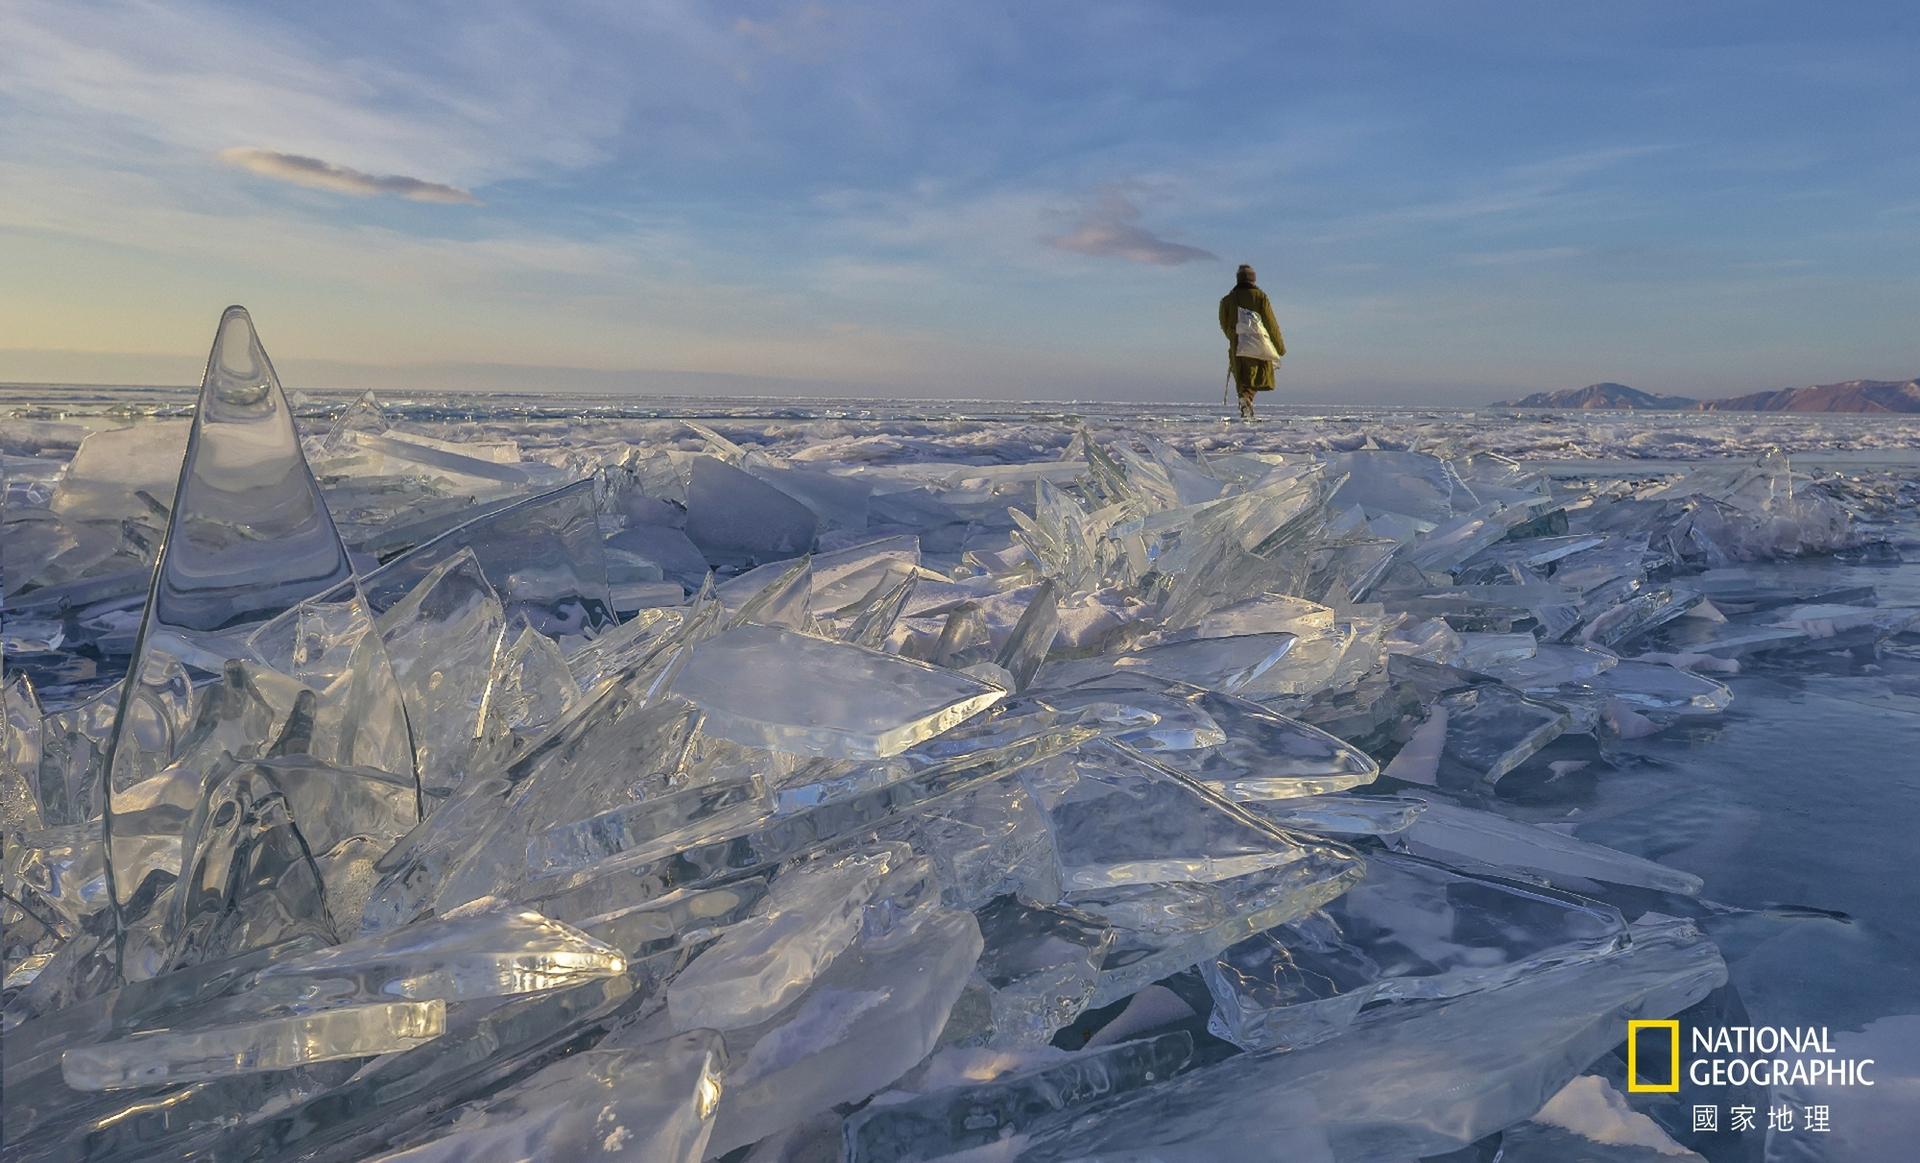 地方組冠軍:極凍世界 (攝影:陳鈺山)。俄羅斯貝加爾湖是全球最大淡水湖,深度可達1600多米,佔全球淡水儲存量的1/6。每年2月到4月湖面結冰,它的美只有你身歷其境才能體會大自然間的奧妙,只有美能形容。